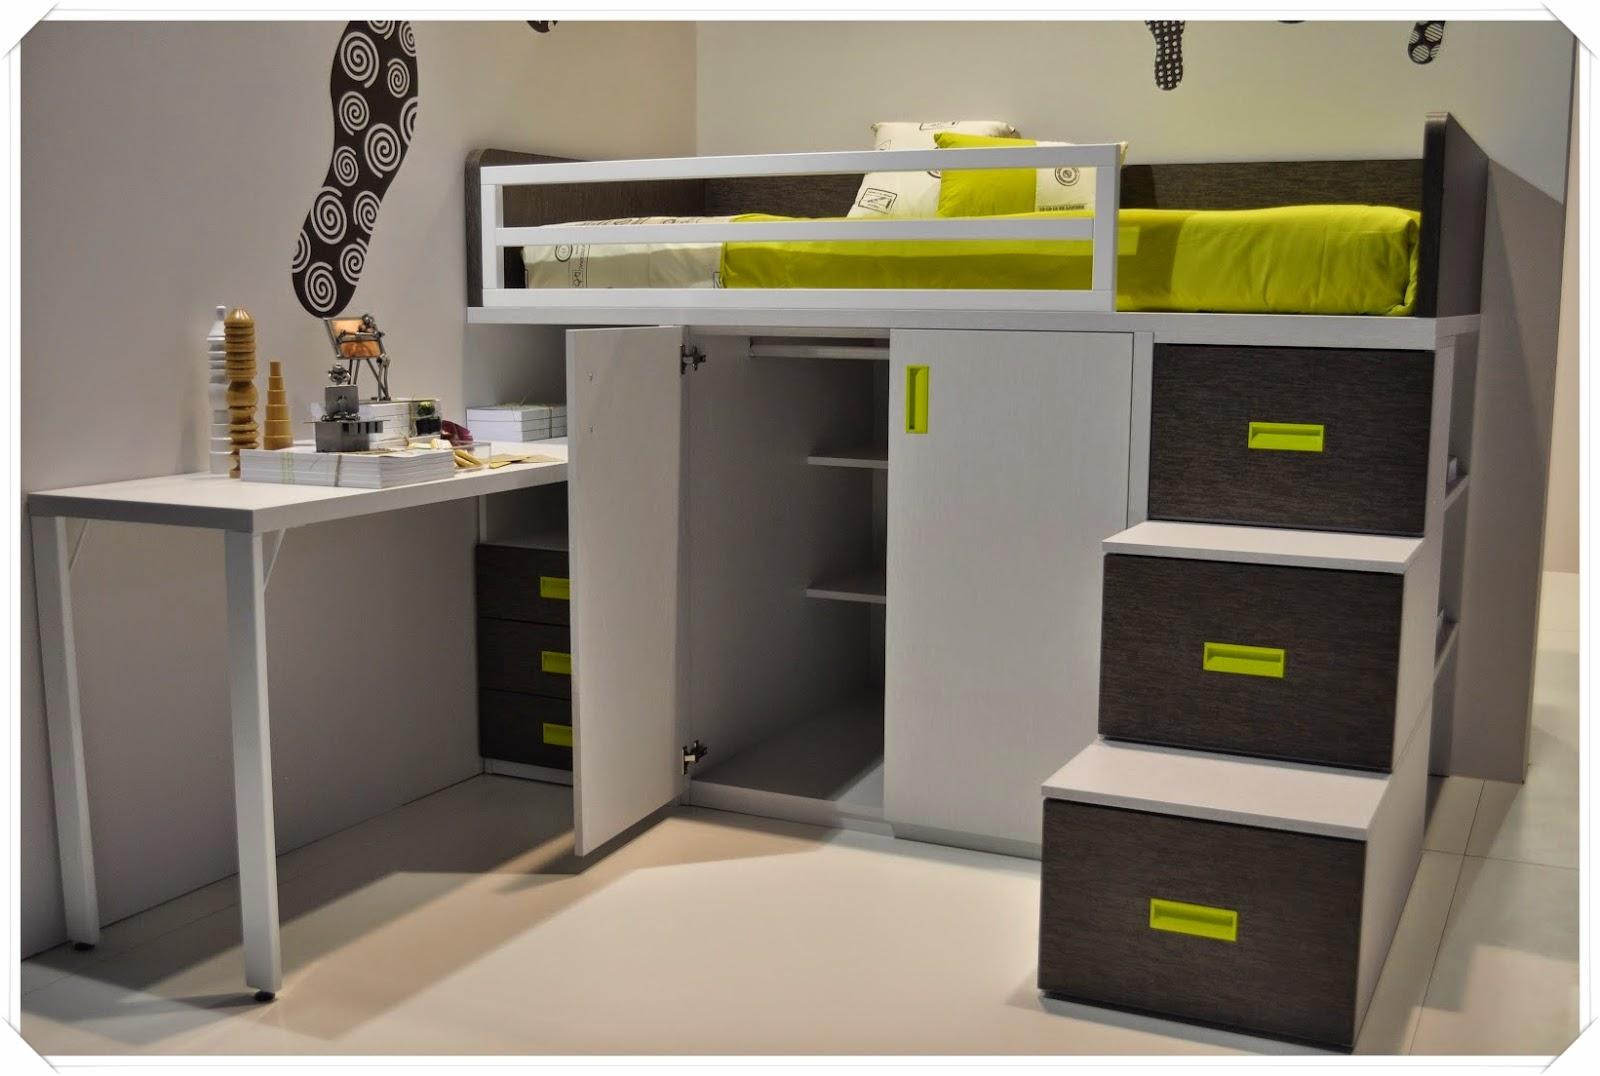 Amoblamientos y productos andrea w ffman camas bloque - Escaleras para camas altas ...